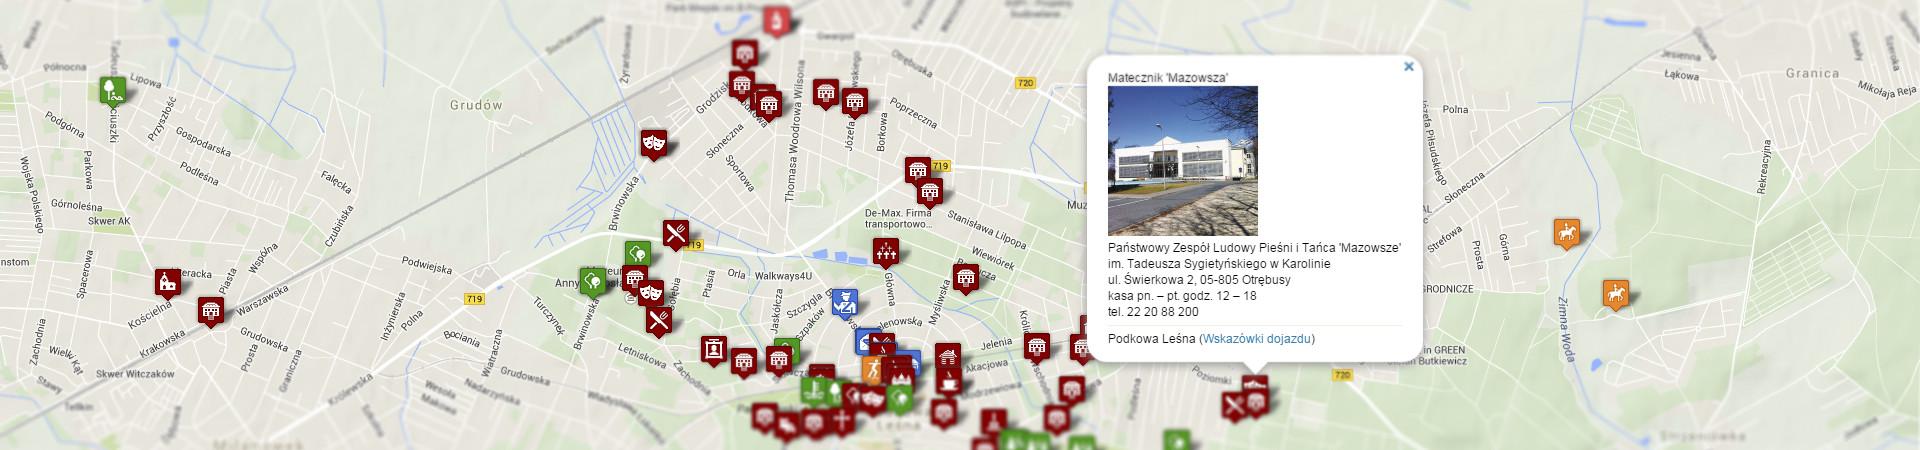 mapa_podkowa_1